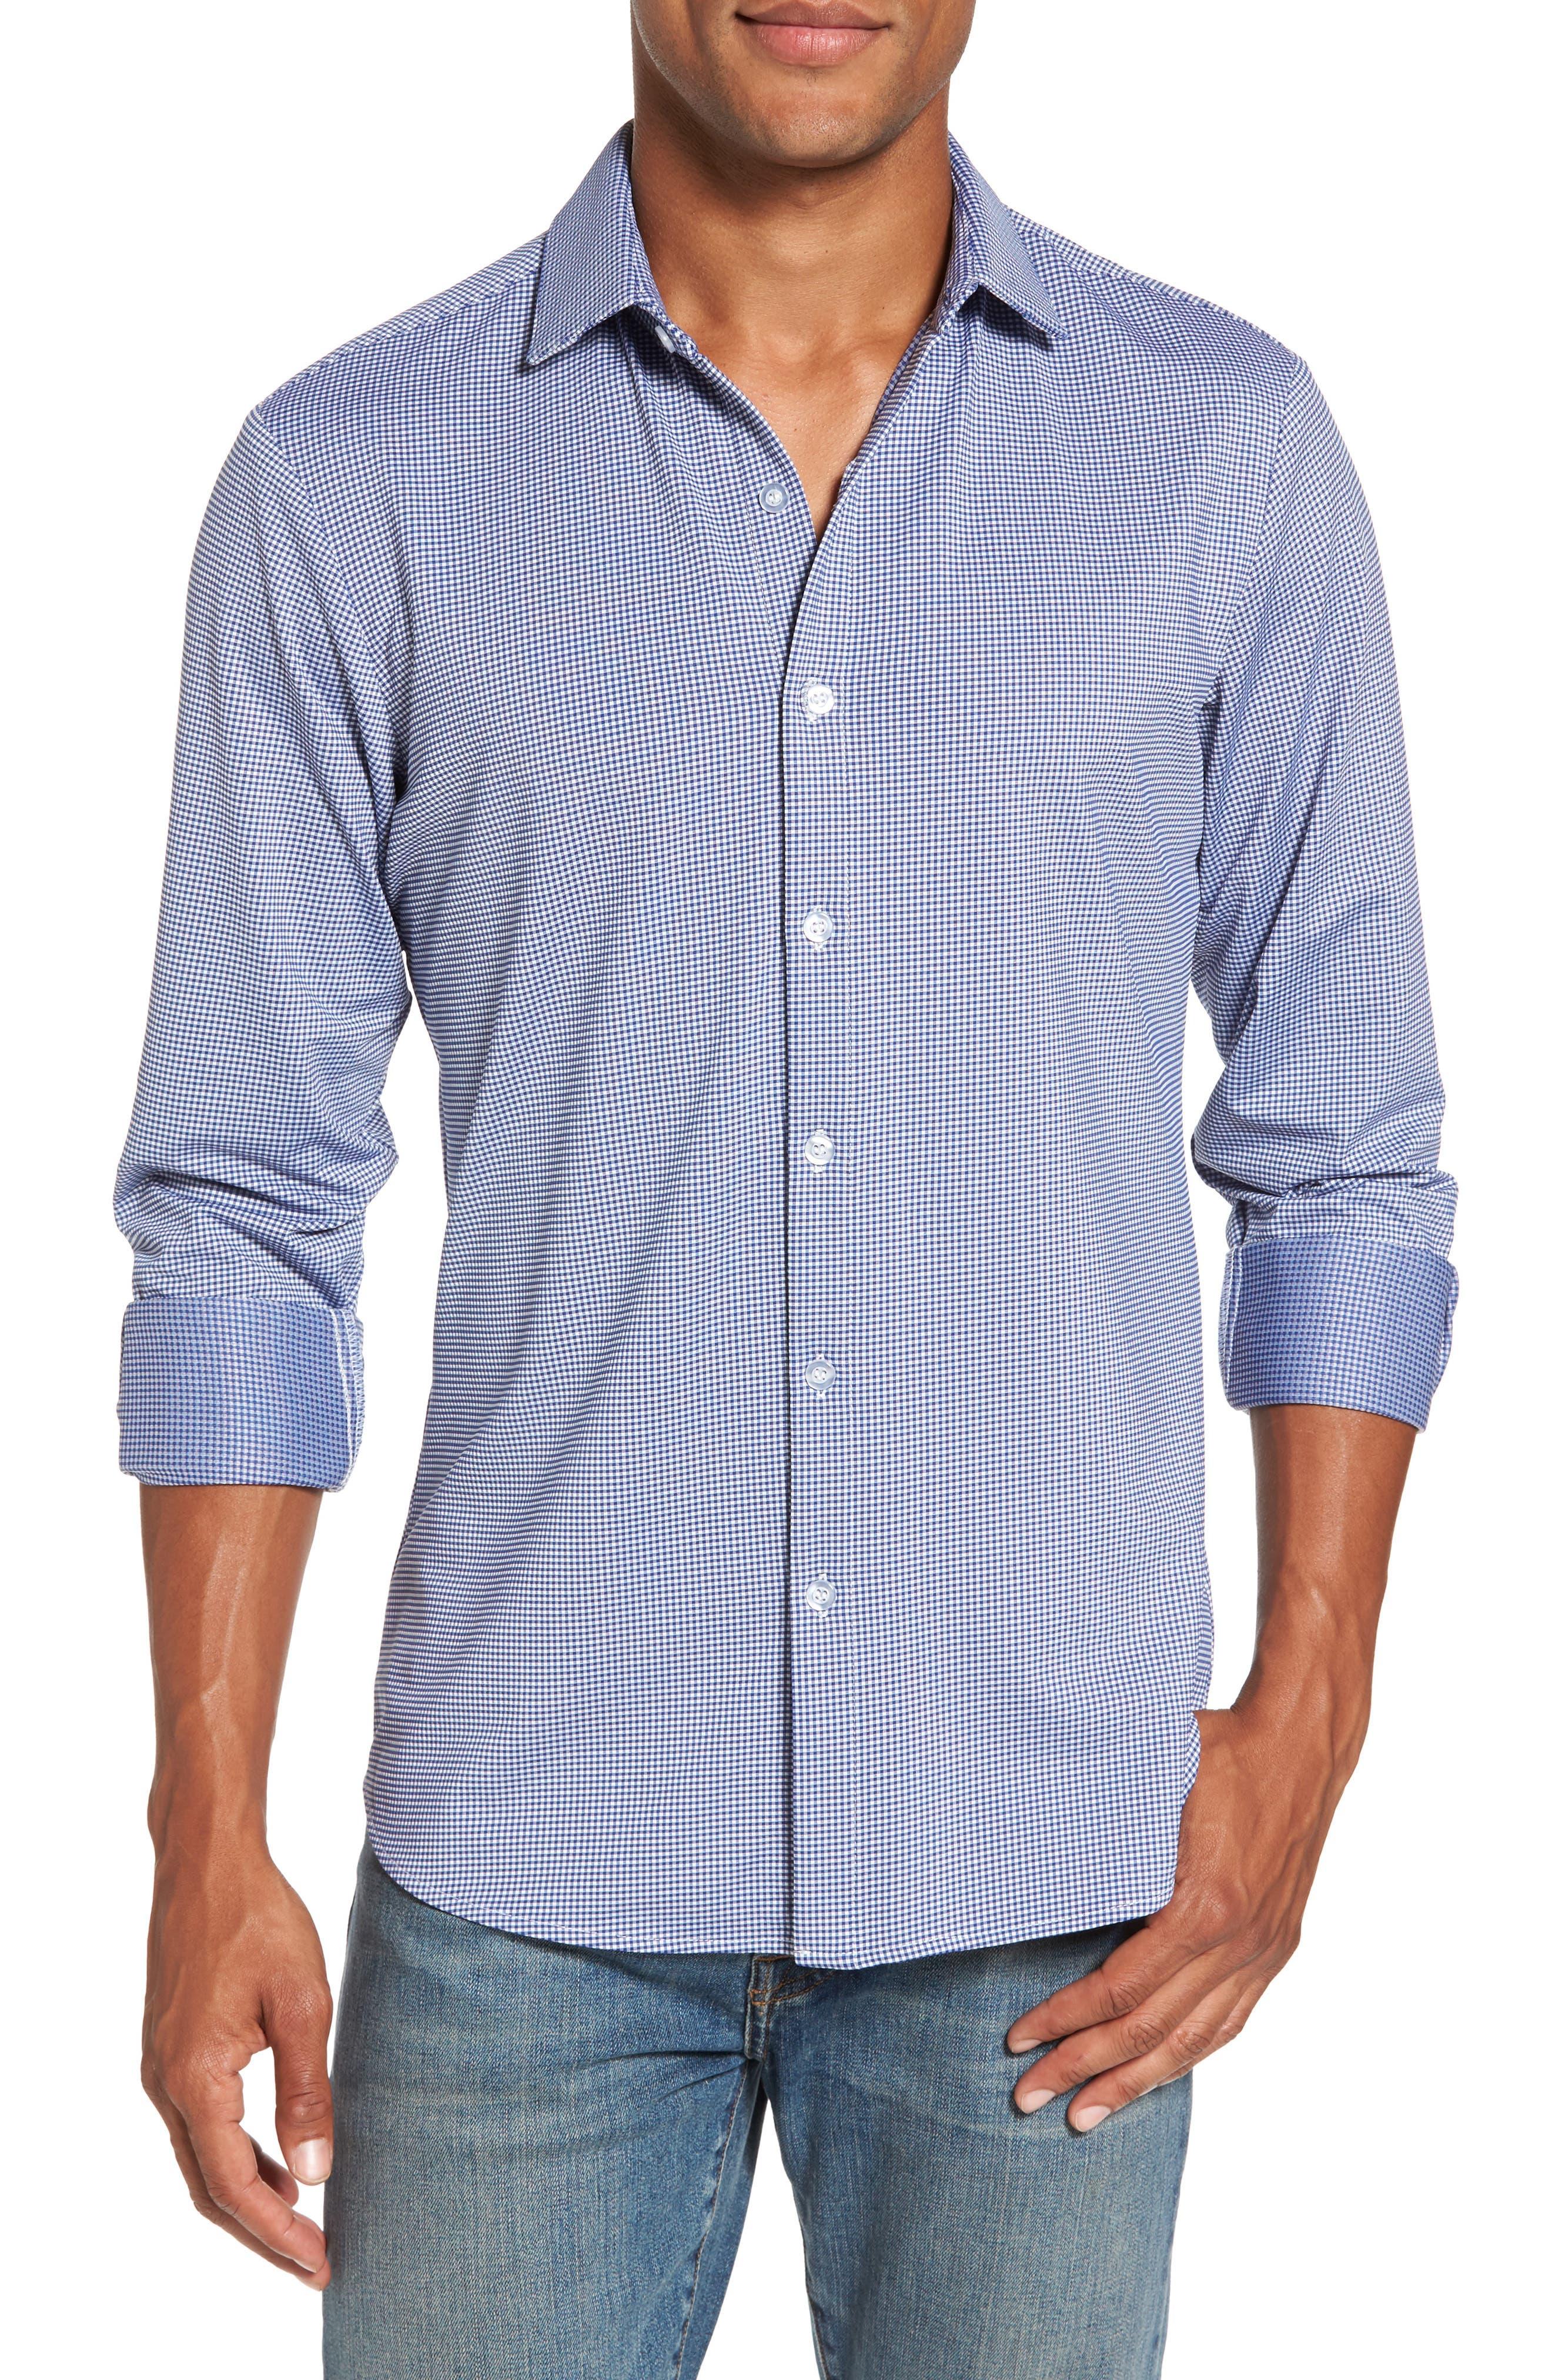 Main Image - Mizzen+Main Beckett Gingham Sport Shirt (Tall)